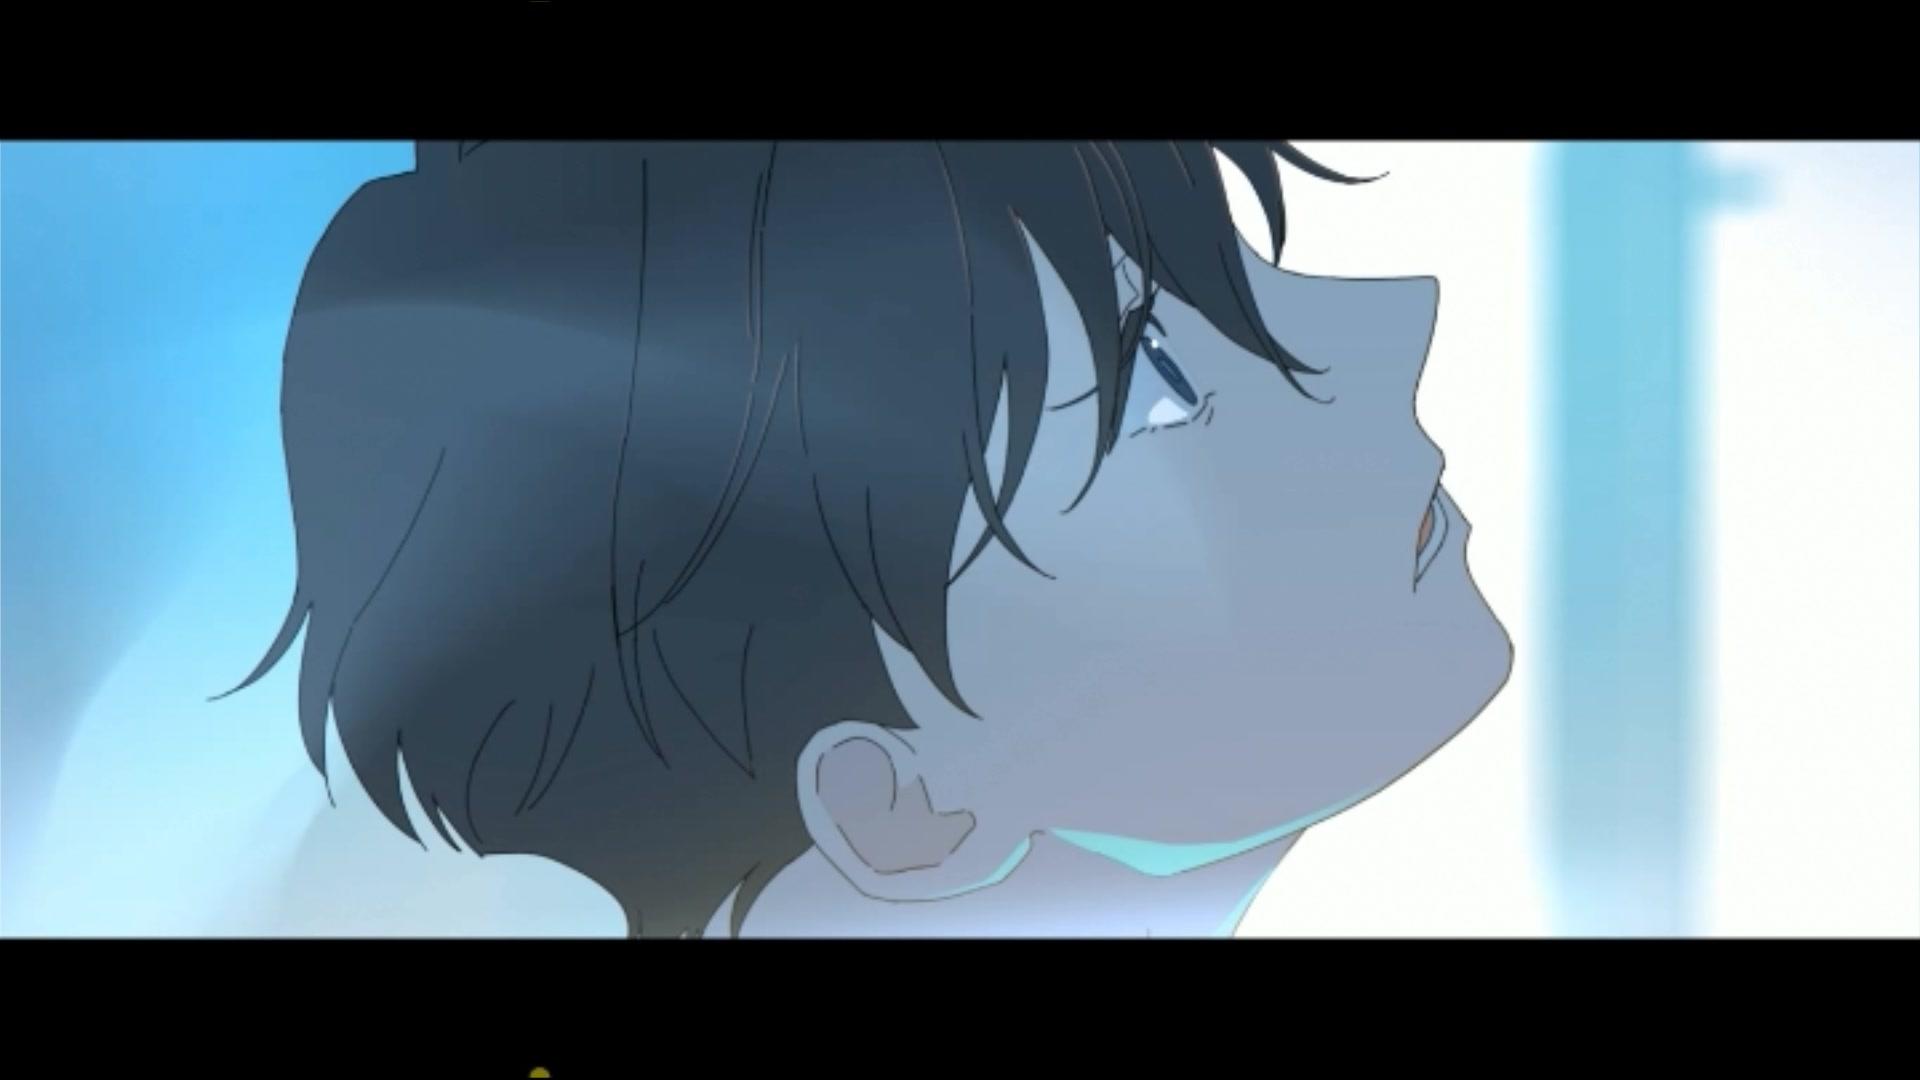 过度呼吸第3集-腾讯漫画视频搜女侦探全网图片